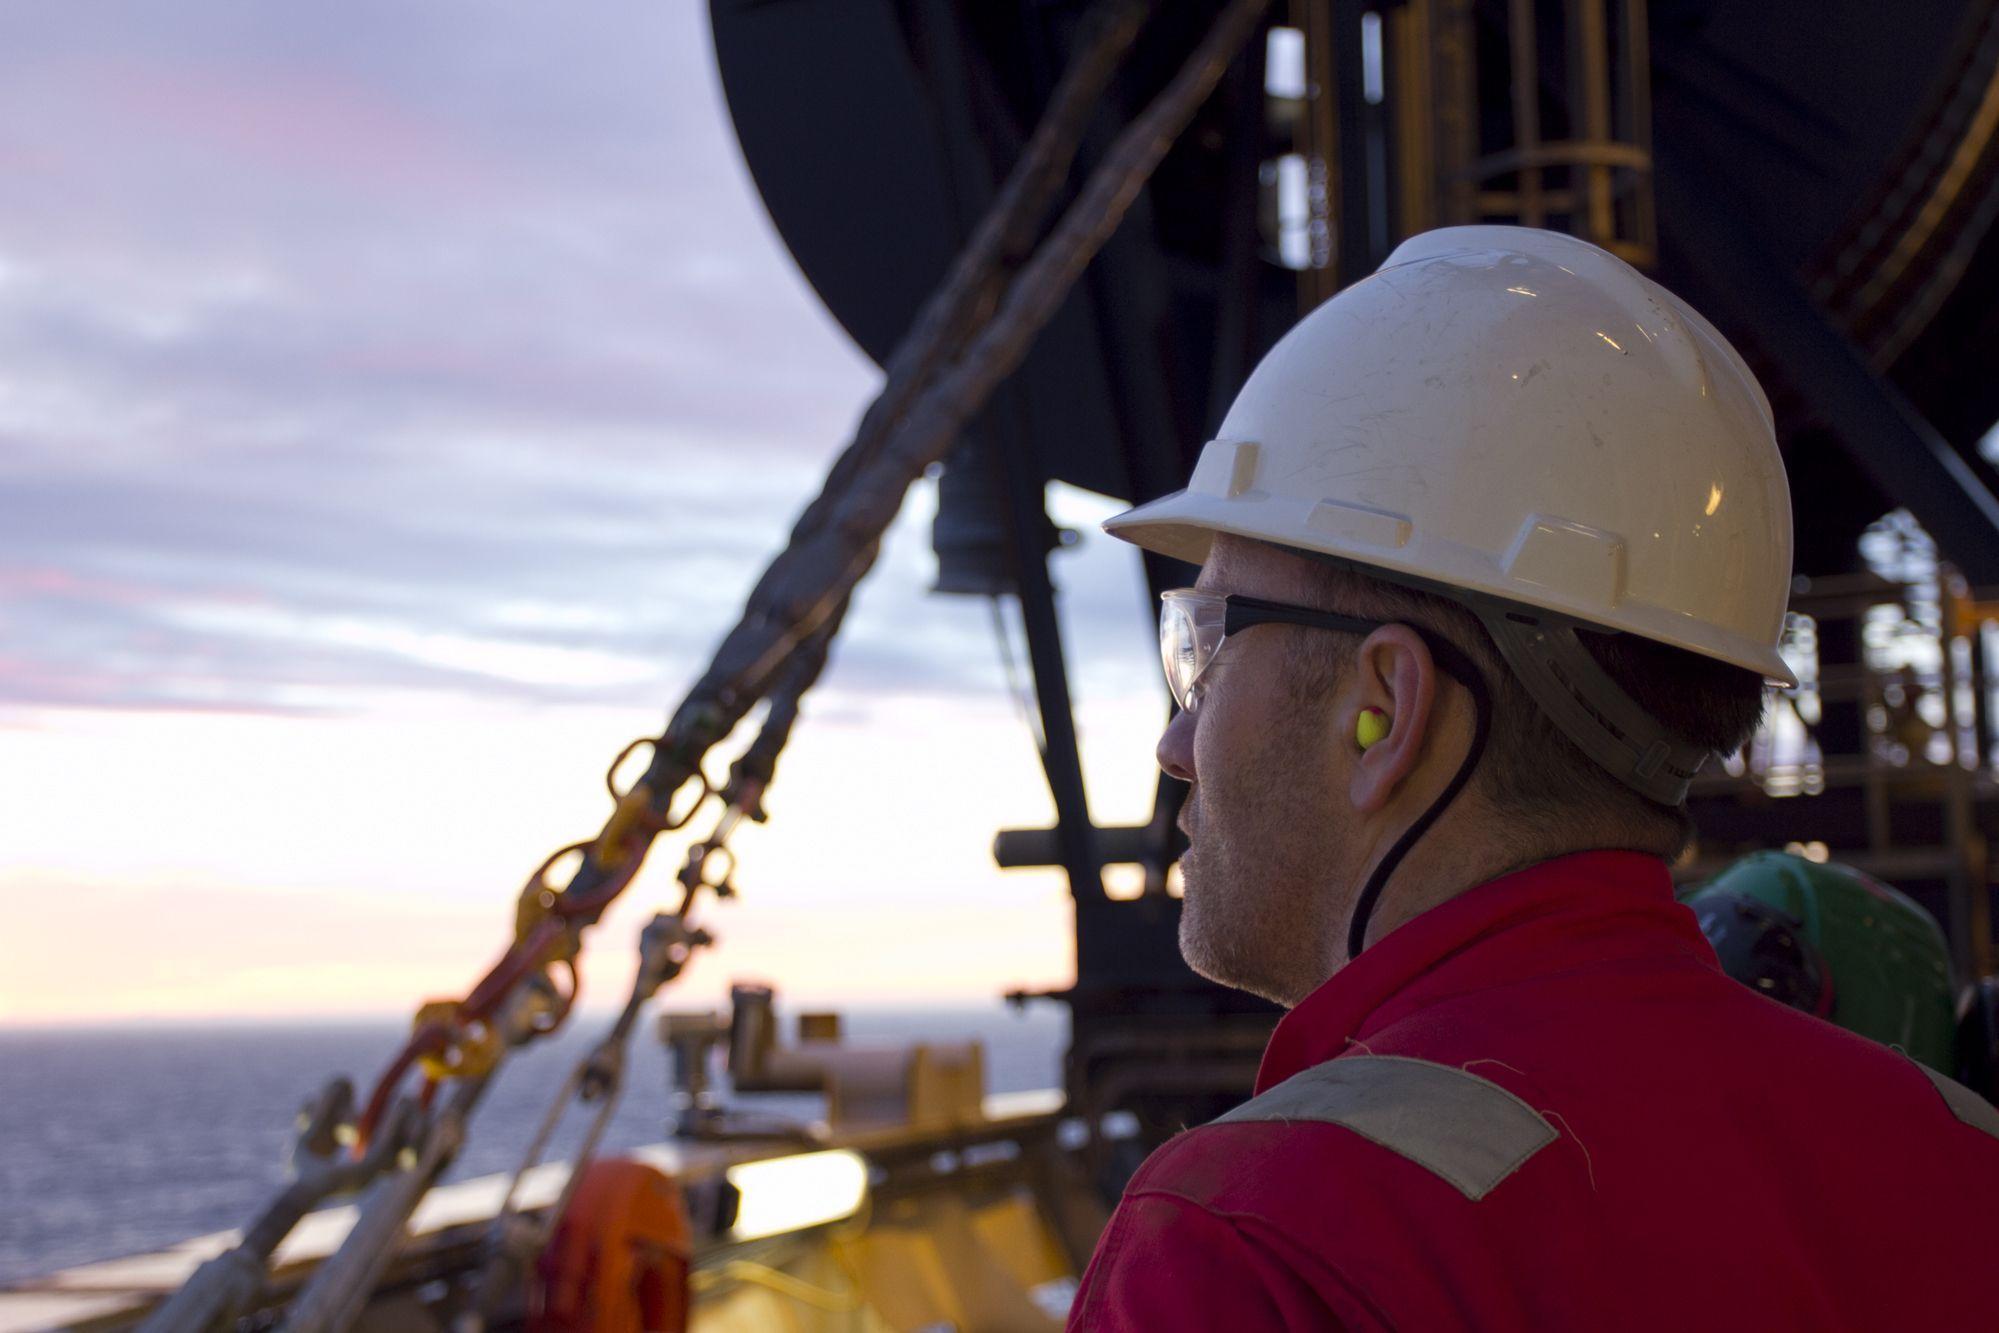 Em Macaé, prestadora de serviços no setor de petróleo e gás requisita para atuar em regime offshore candidatos com experiência em unidades de perfuração para o cargo de operador